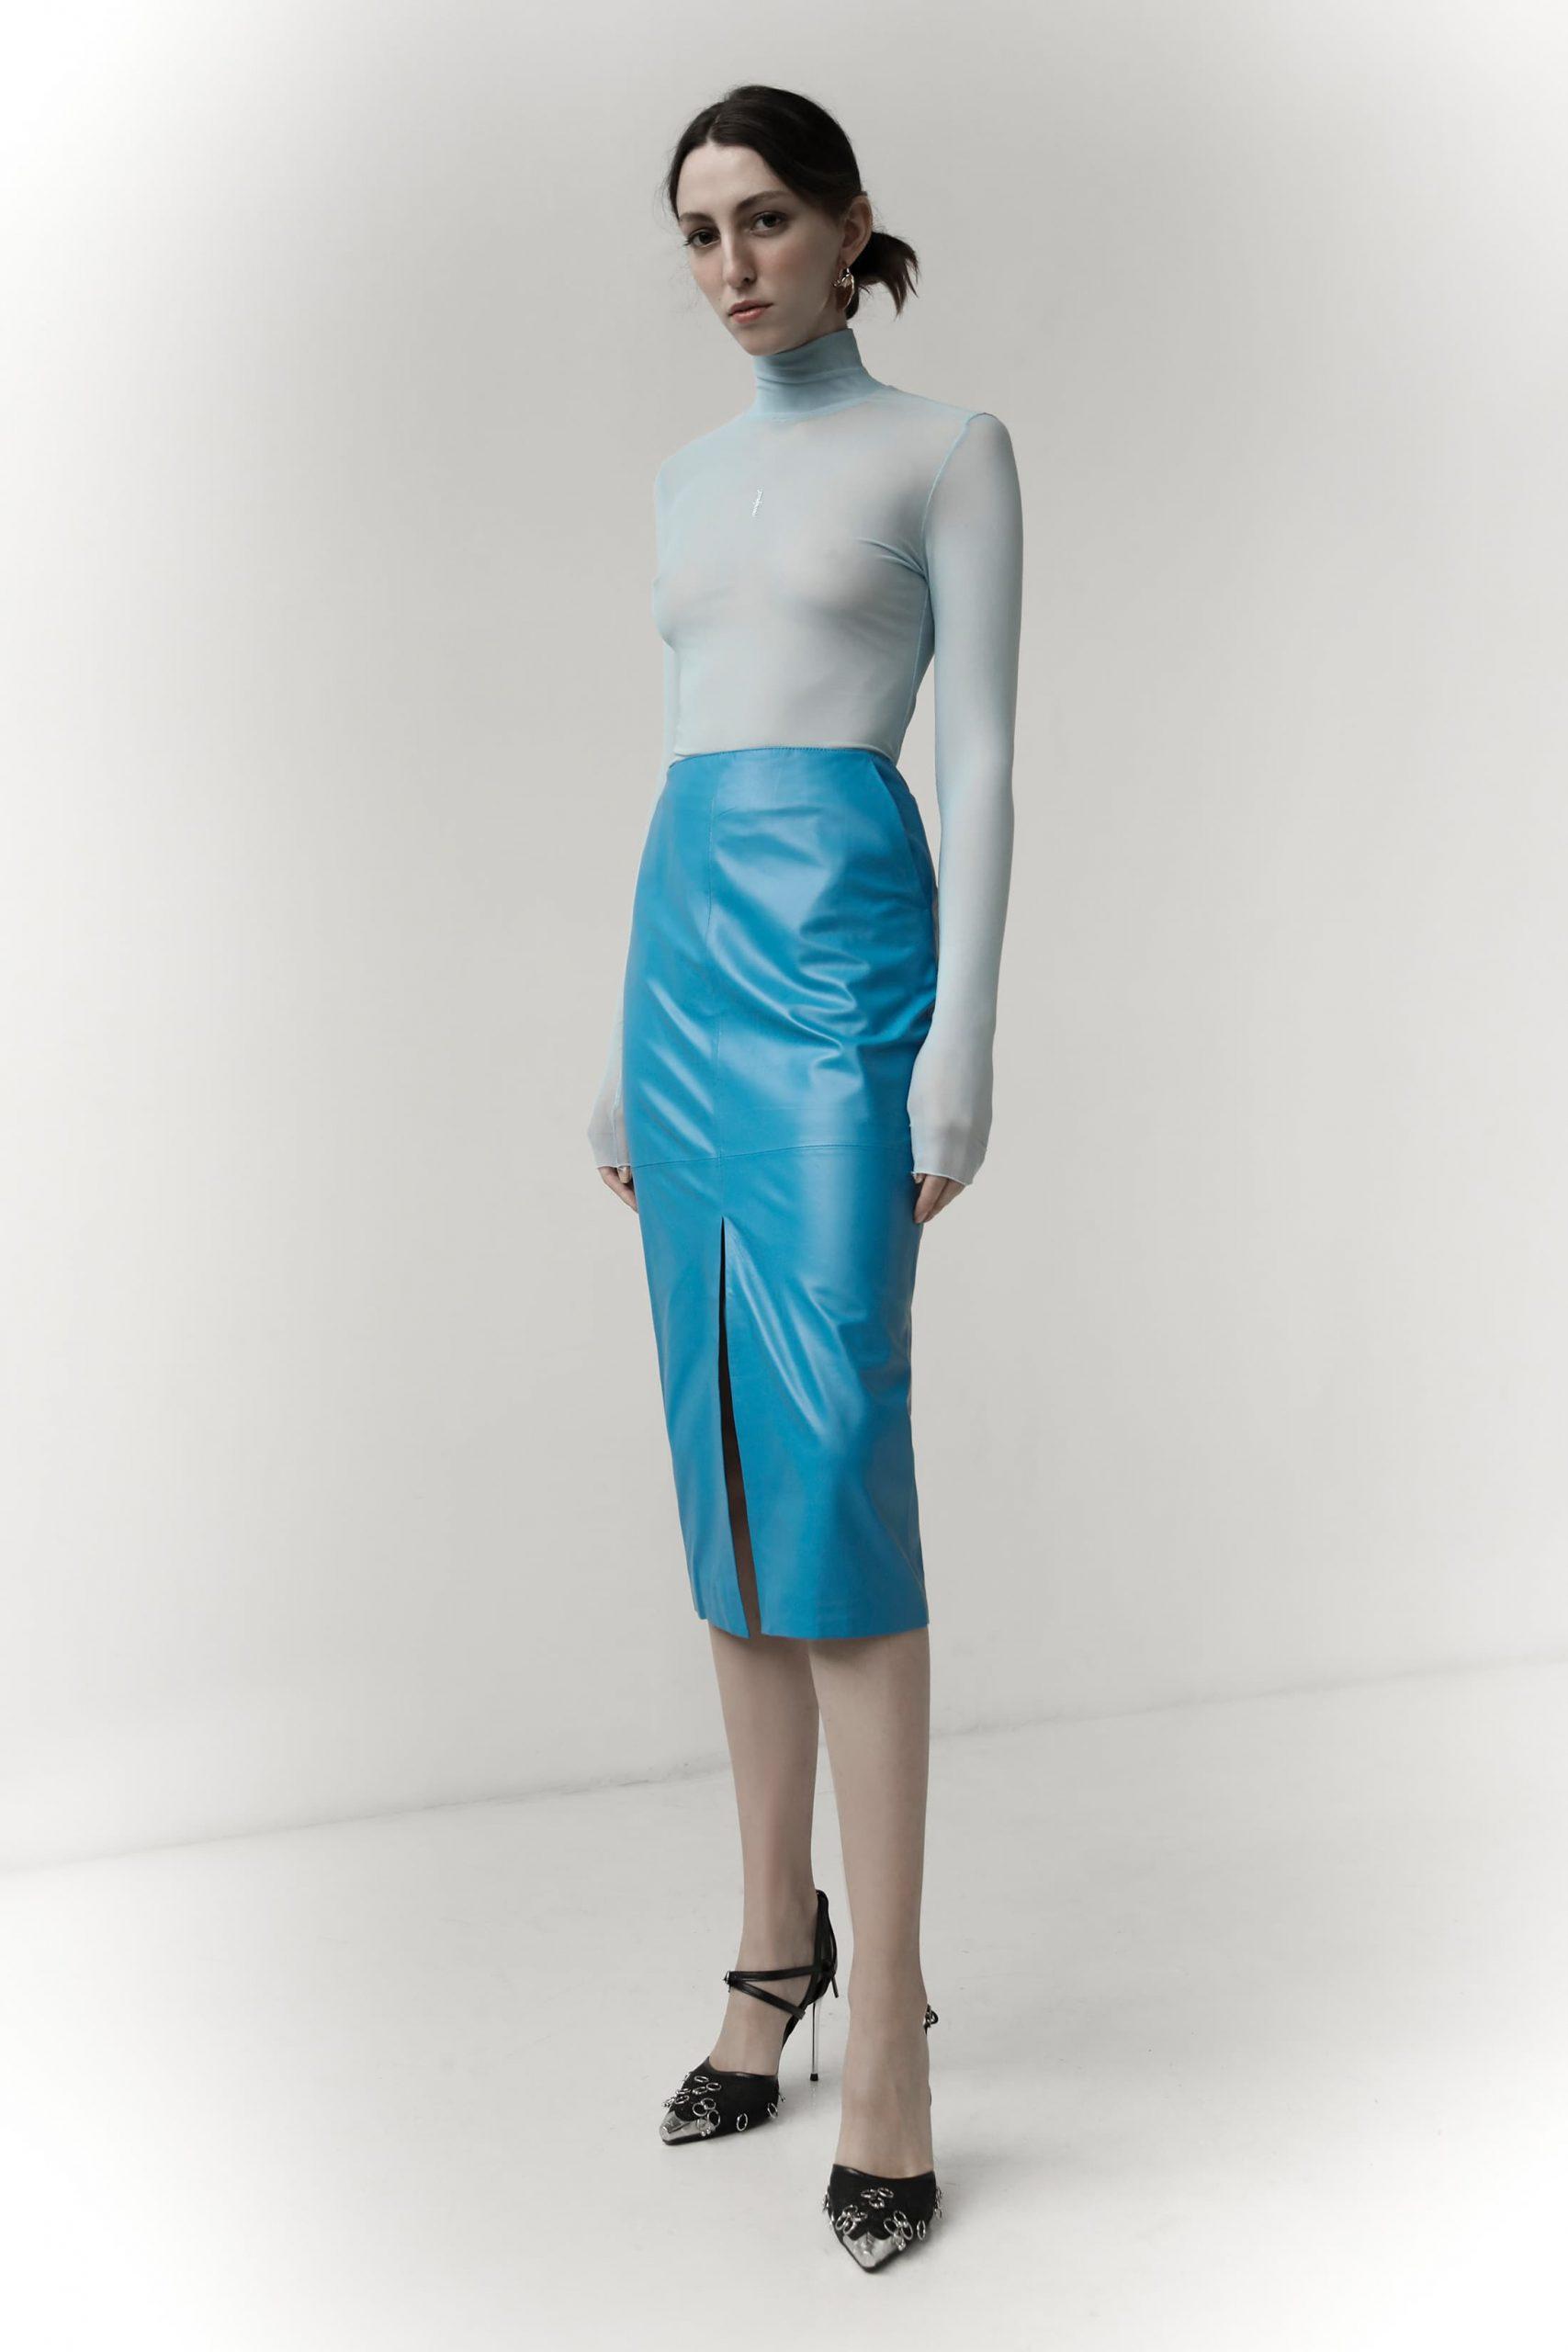 Judy Zhang Fall 2021 Fashion Show Photos